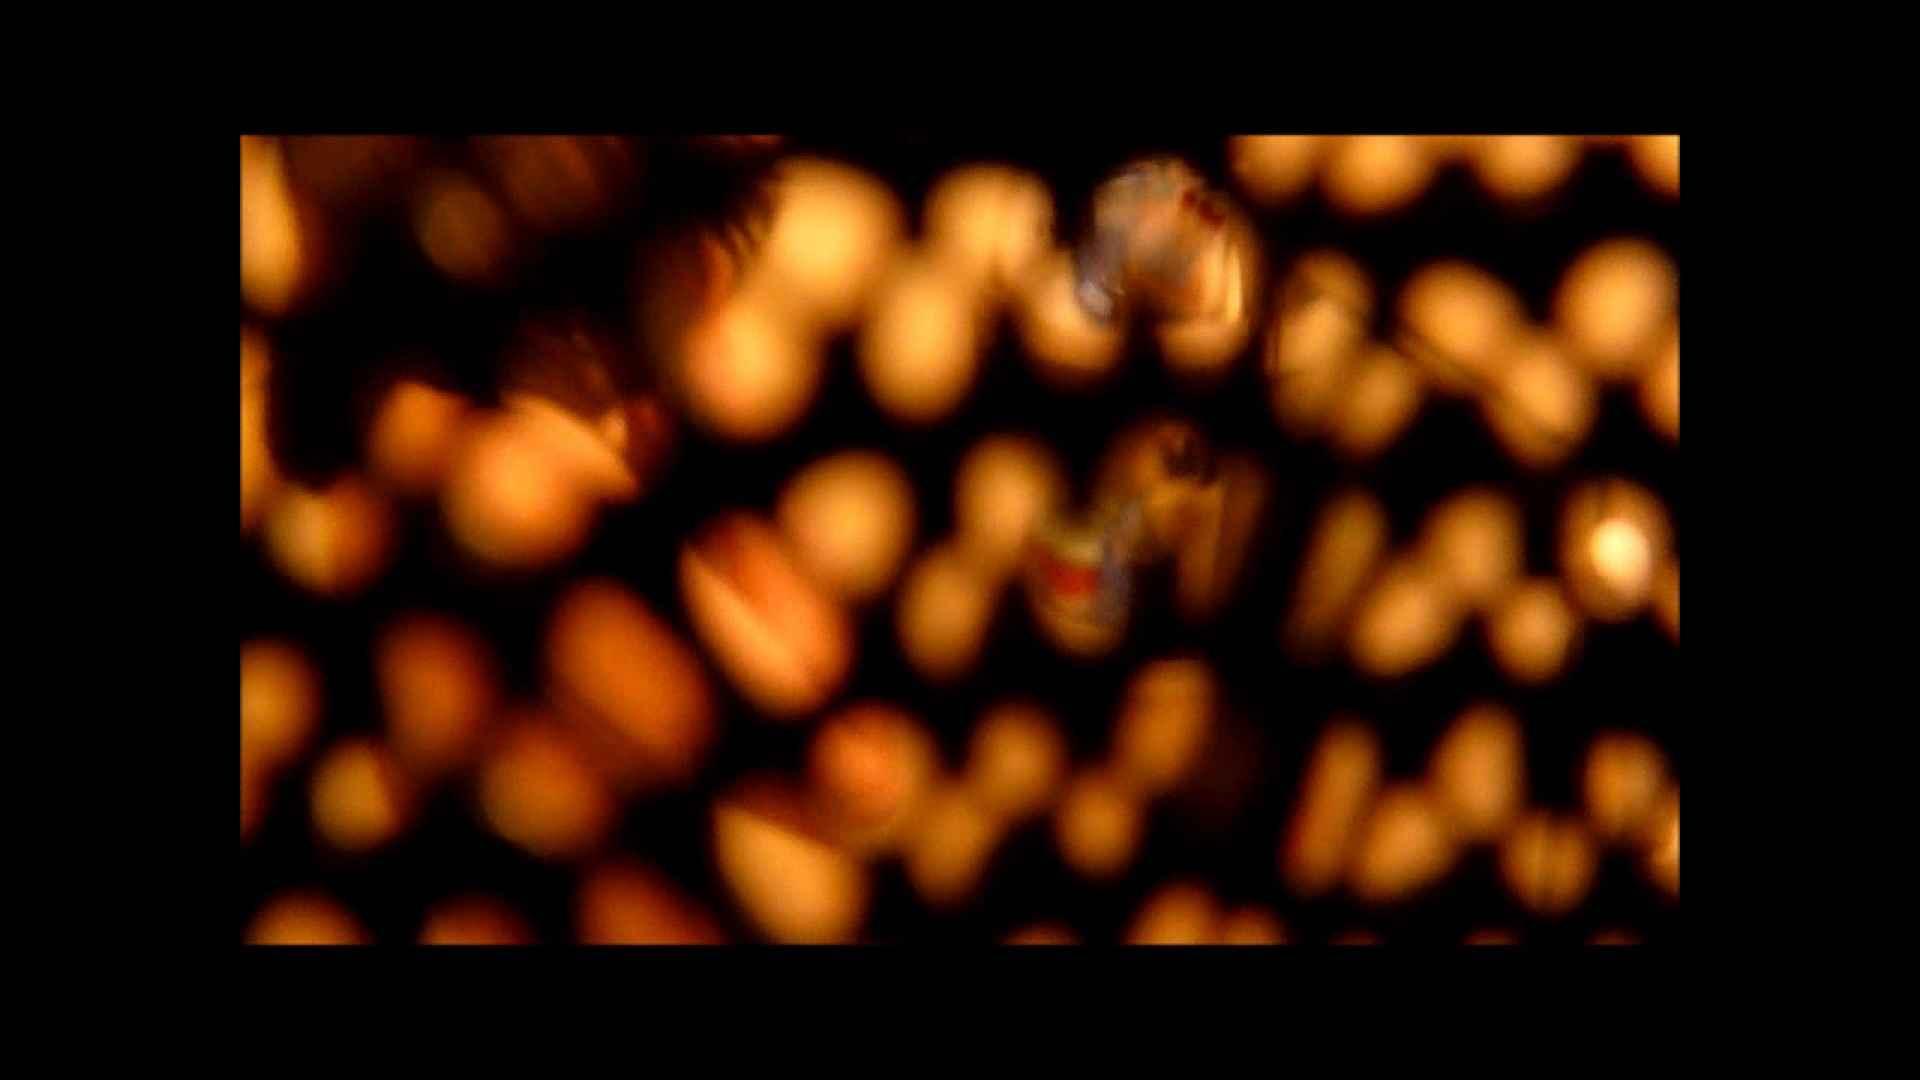 【02】ベランダに侵入して張り込みを始めて・・・やっと結果が出ました。 現役ギャル セックス無修正動画無料 79pic 22